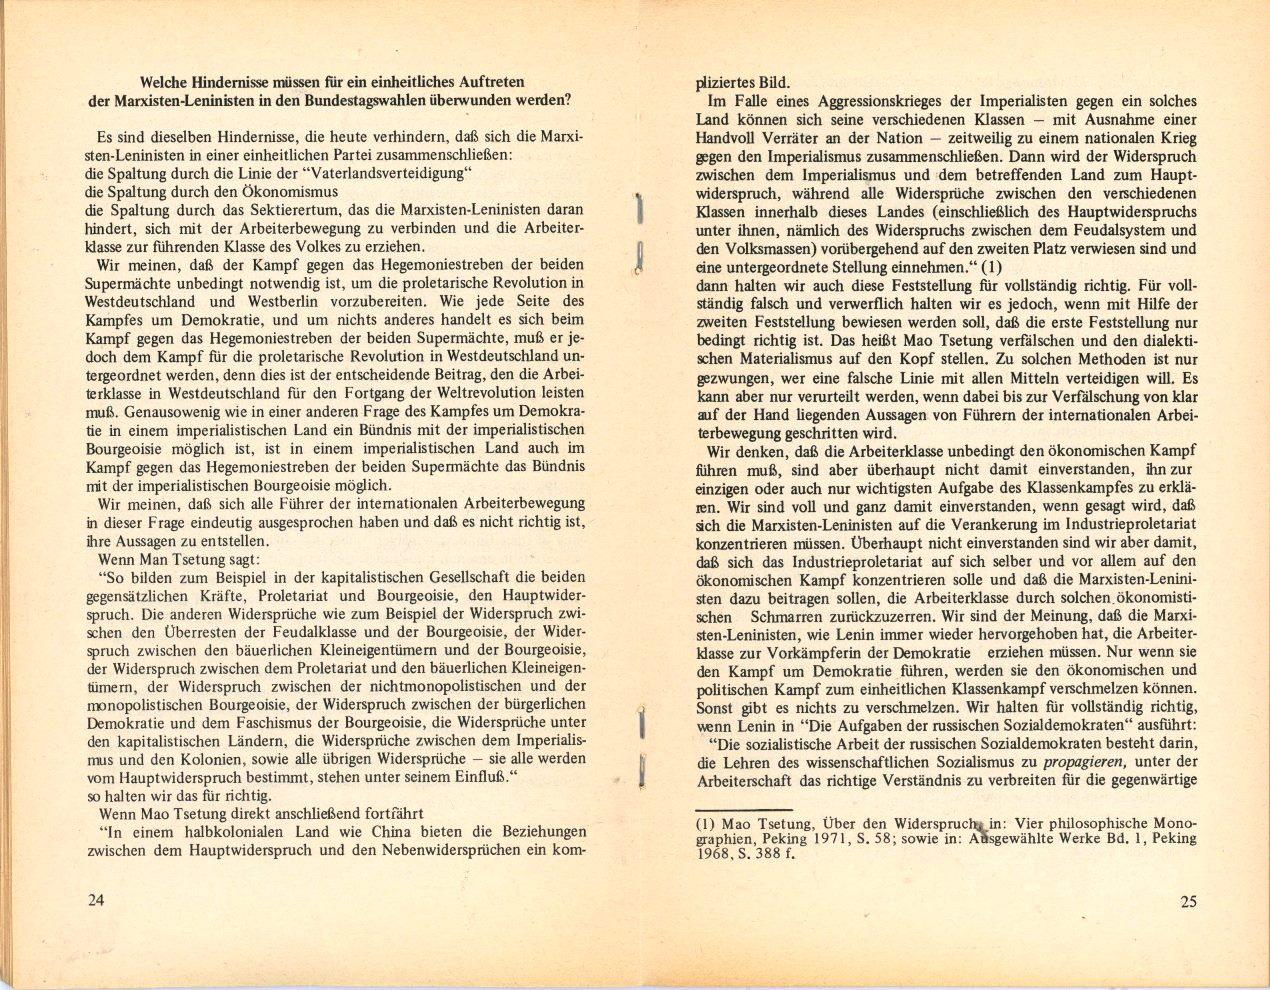 KBW_Materialien_zur_Auseinandersetzung_in_der_mlB_1976_14